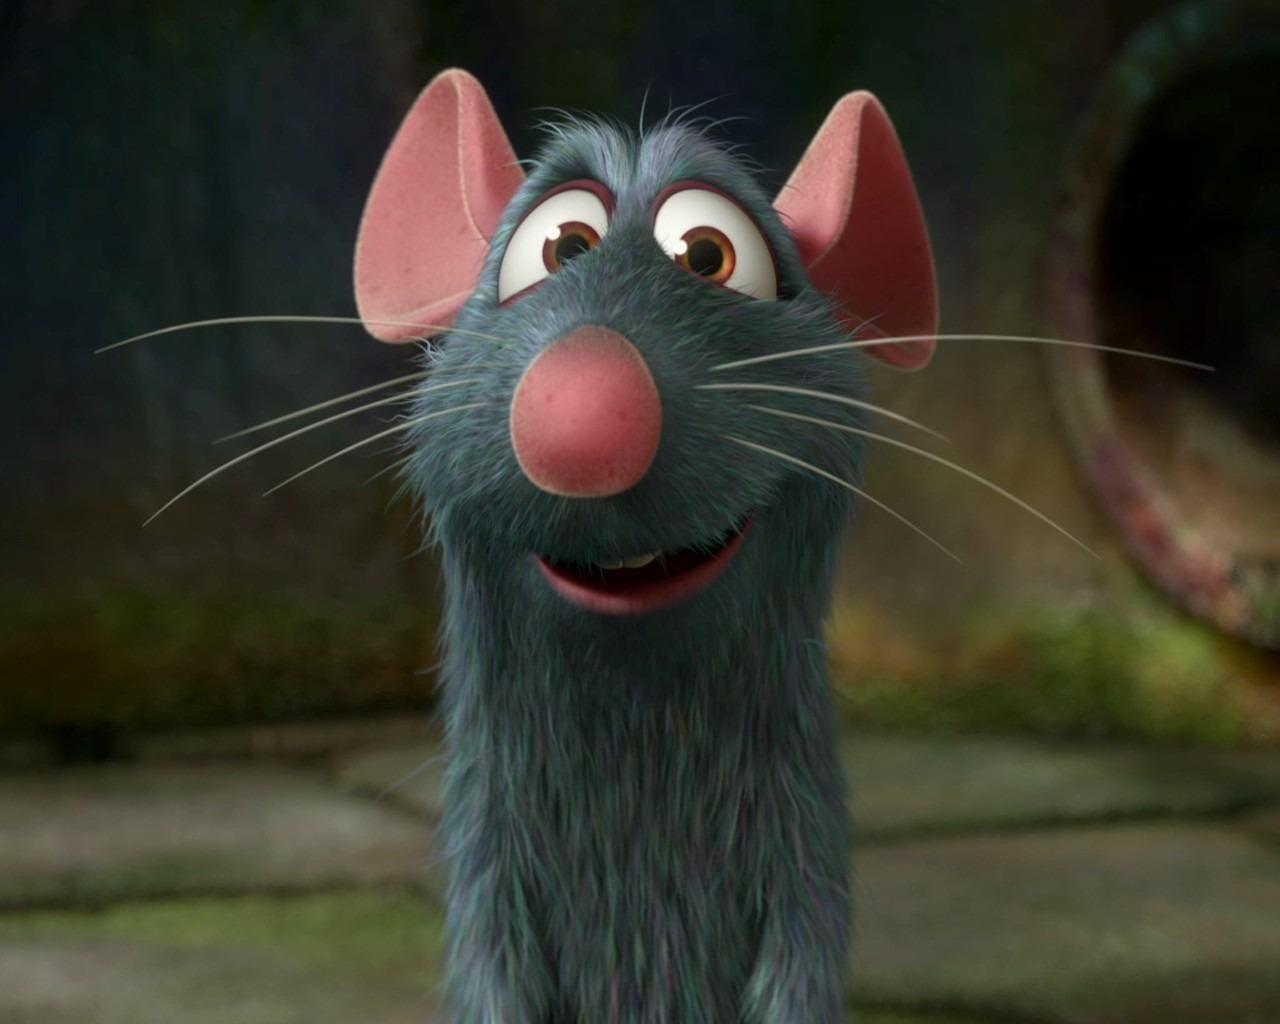 10672 Hintergrundbild herunterladen Cartoon, Mäuse, Ratatouille - Bildschirmschoner und Bilder kostenlos